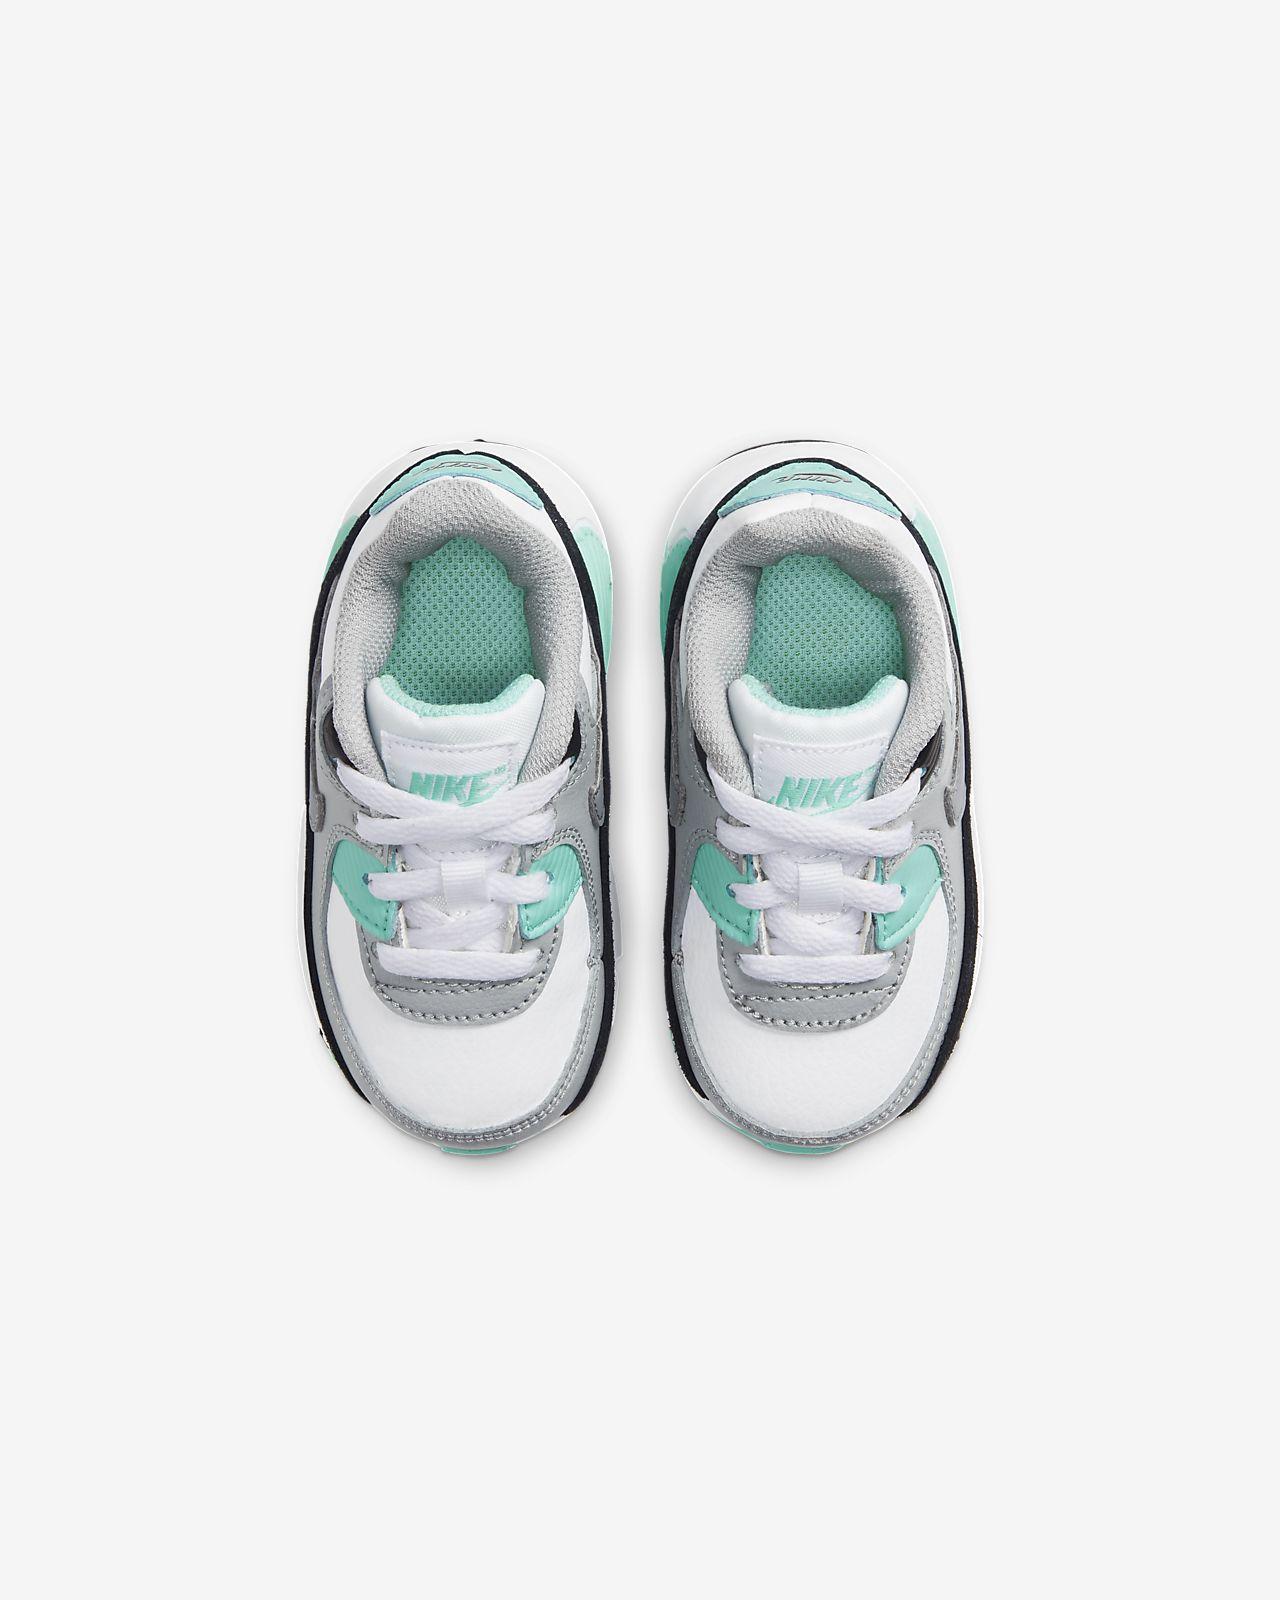 Sko Nike Air Max 90 för babysmå barn Svart | ricciano SWEDEN